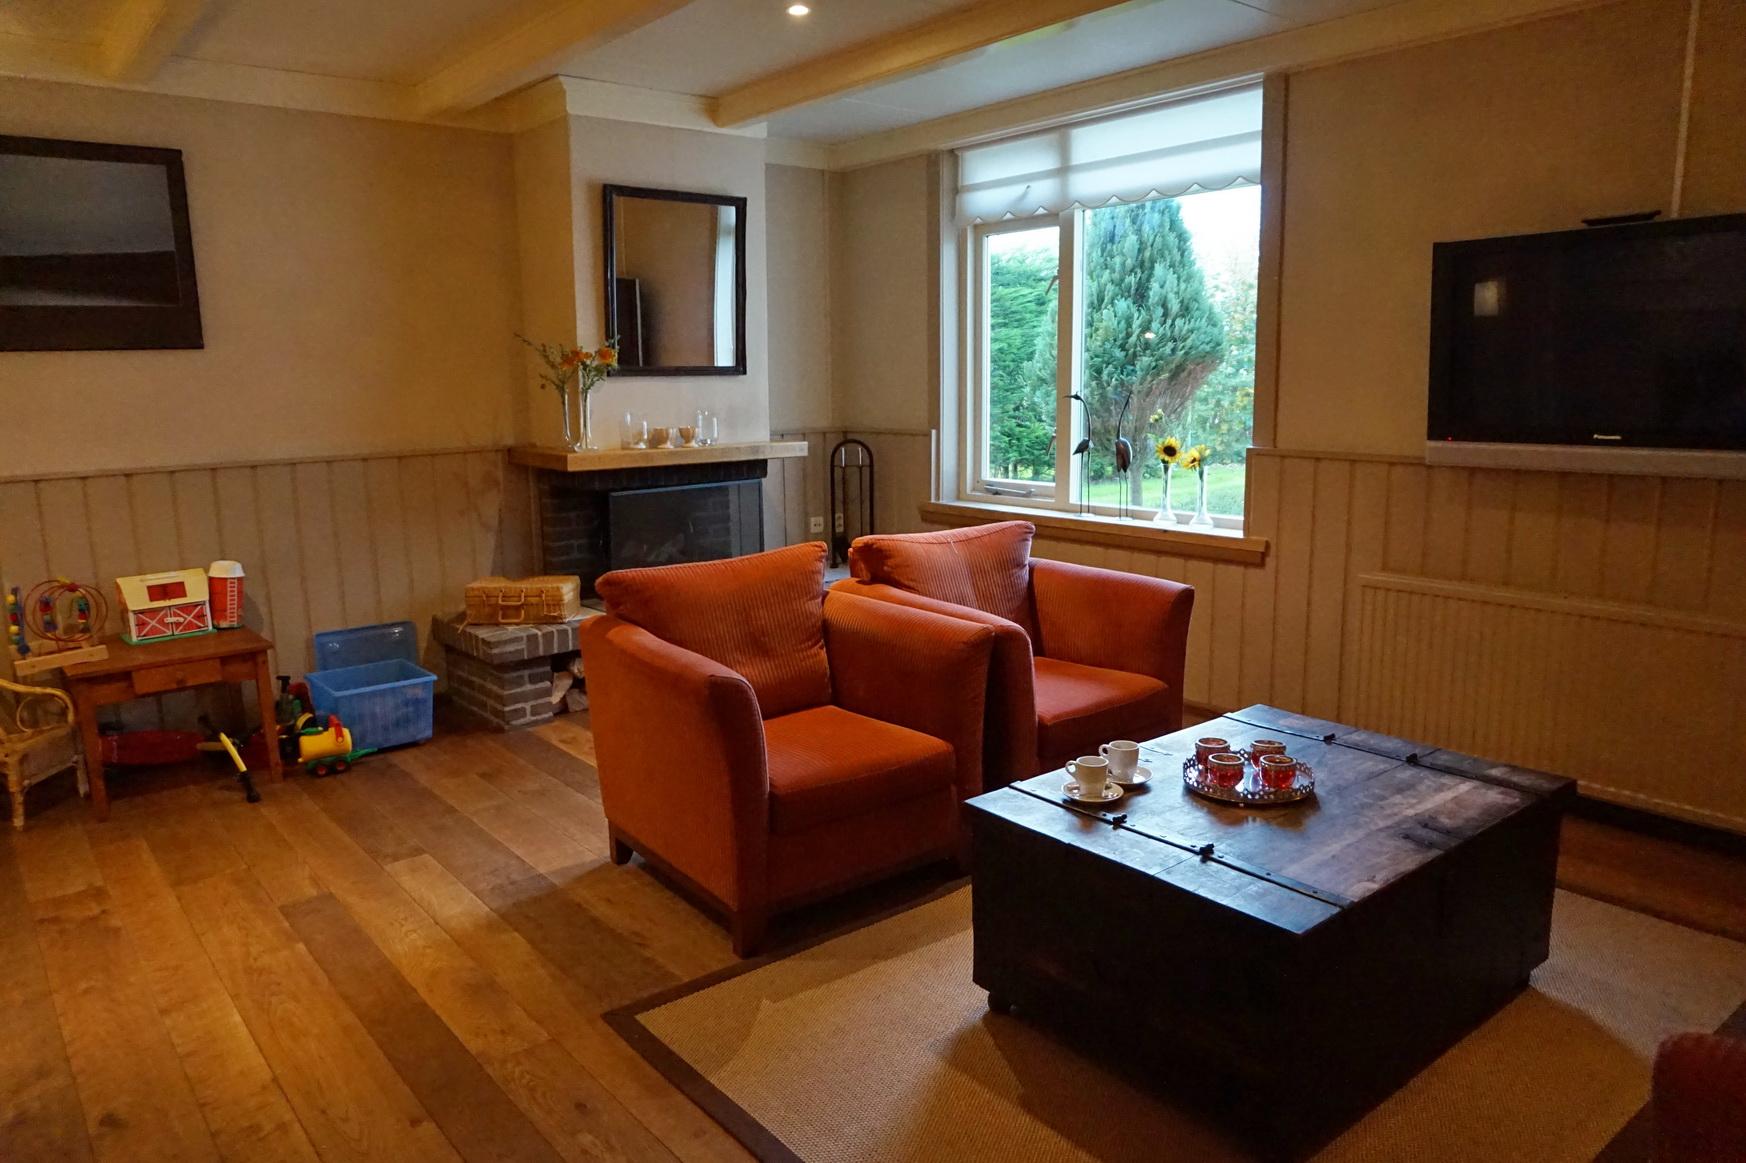 Hotellobby mit bequemer Sitzecke, die zum Verweilen einlädt.